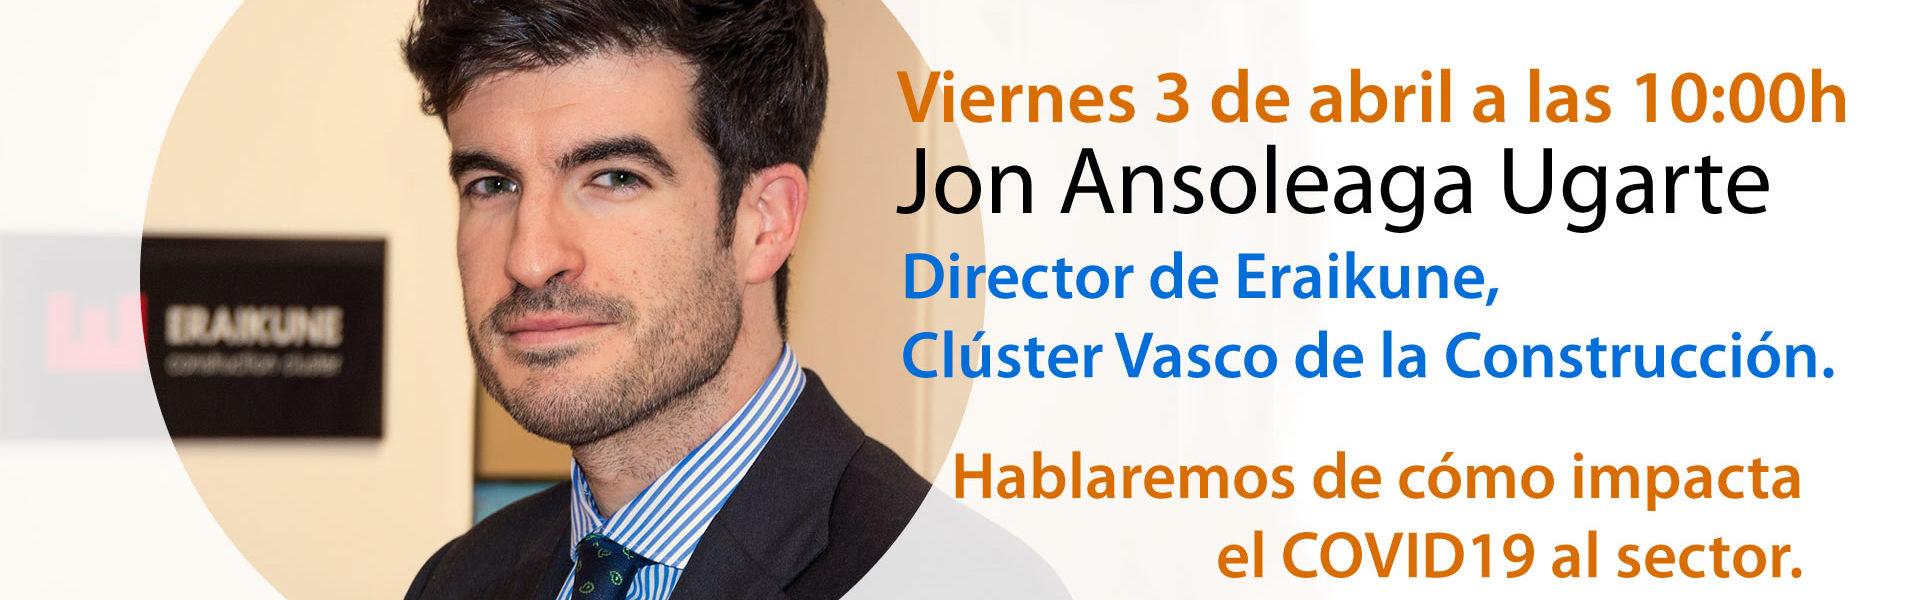 Viernes 3 de abril 10:00h. Conectamos con Jon Ansoleaga Ugarte.